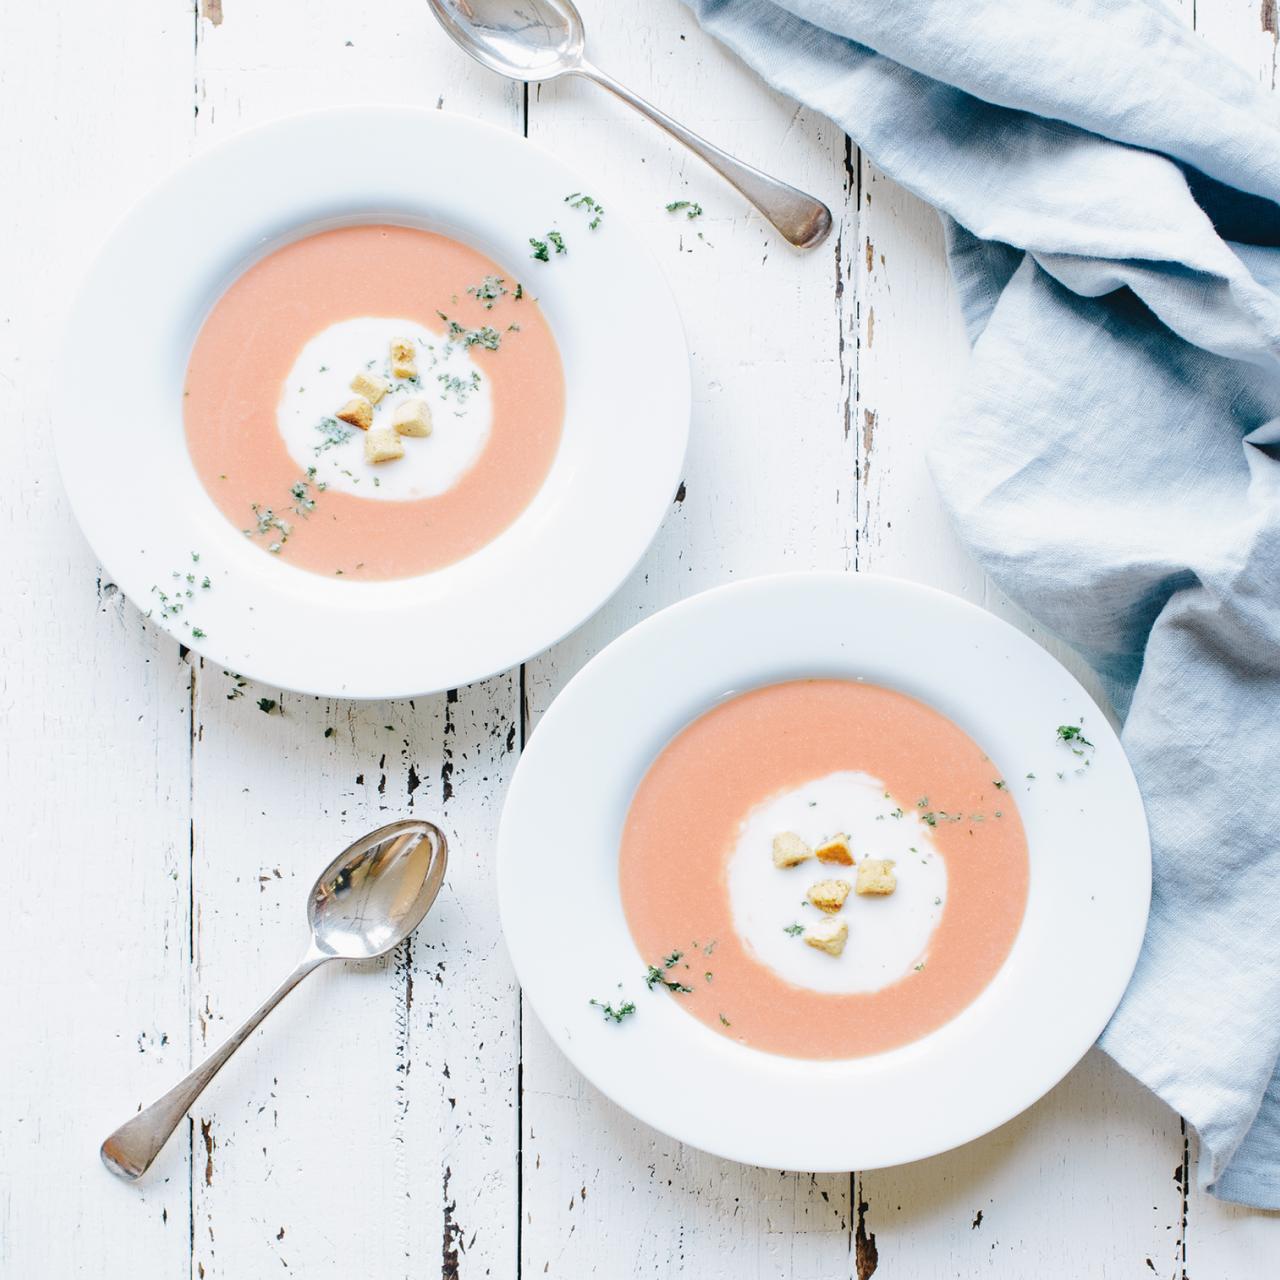 画像: 商品説明:ビーツの入った春色ピンクのポタージュにホワイトソースを加えて 2色の輪っかに盛り付けた見た目もキュートなポタージュ 価格/規格: 780円(税抜) / 3-4人前 www.oisix.com